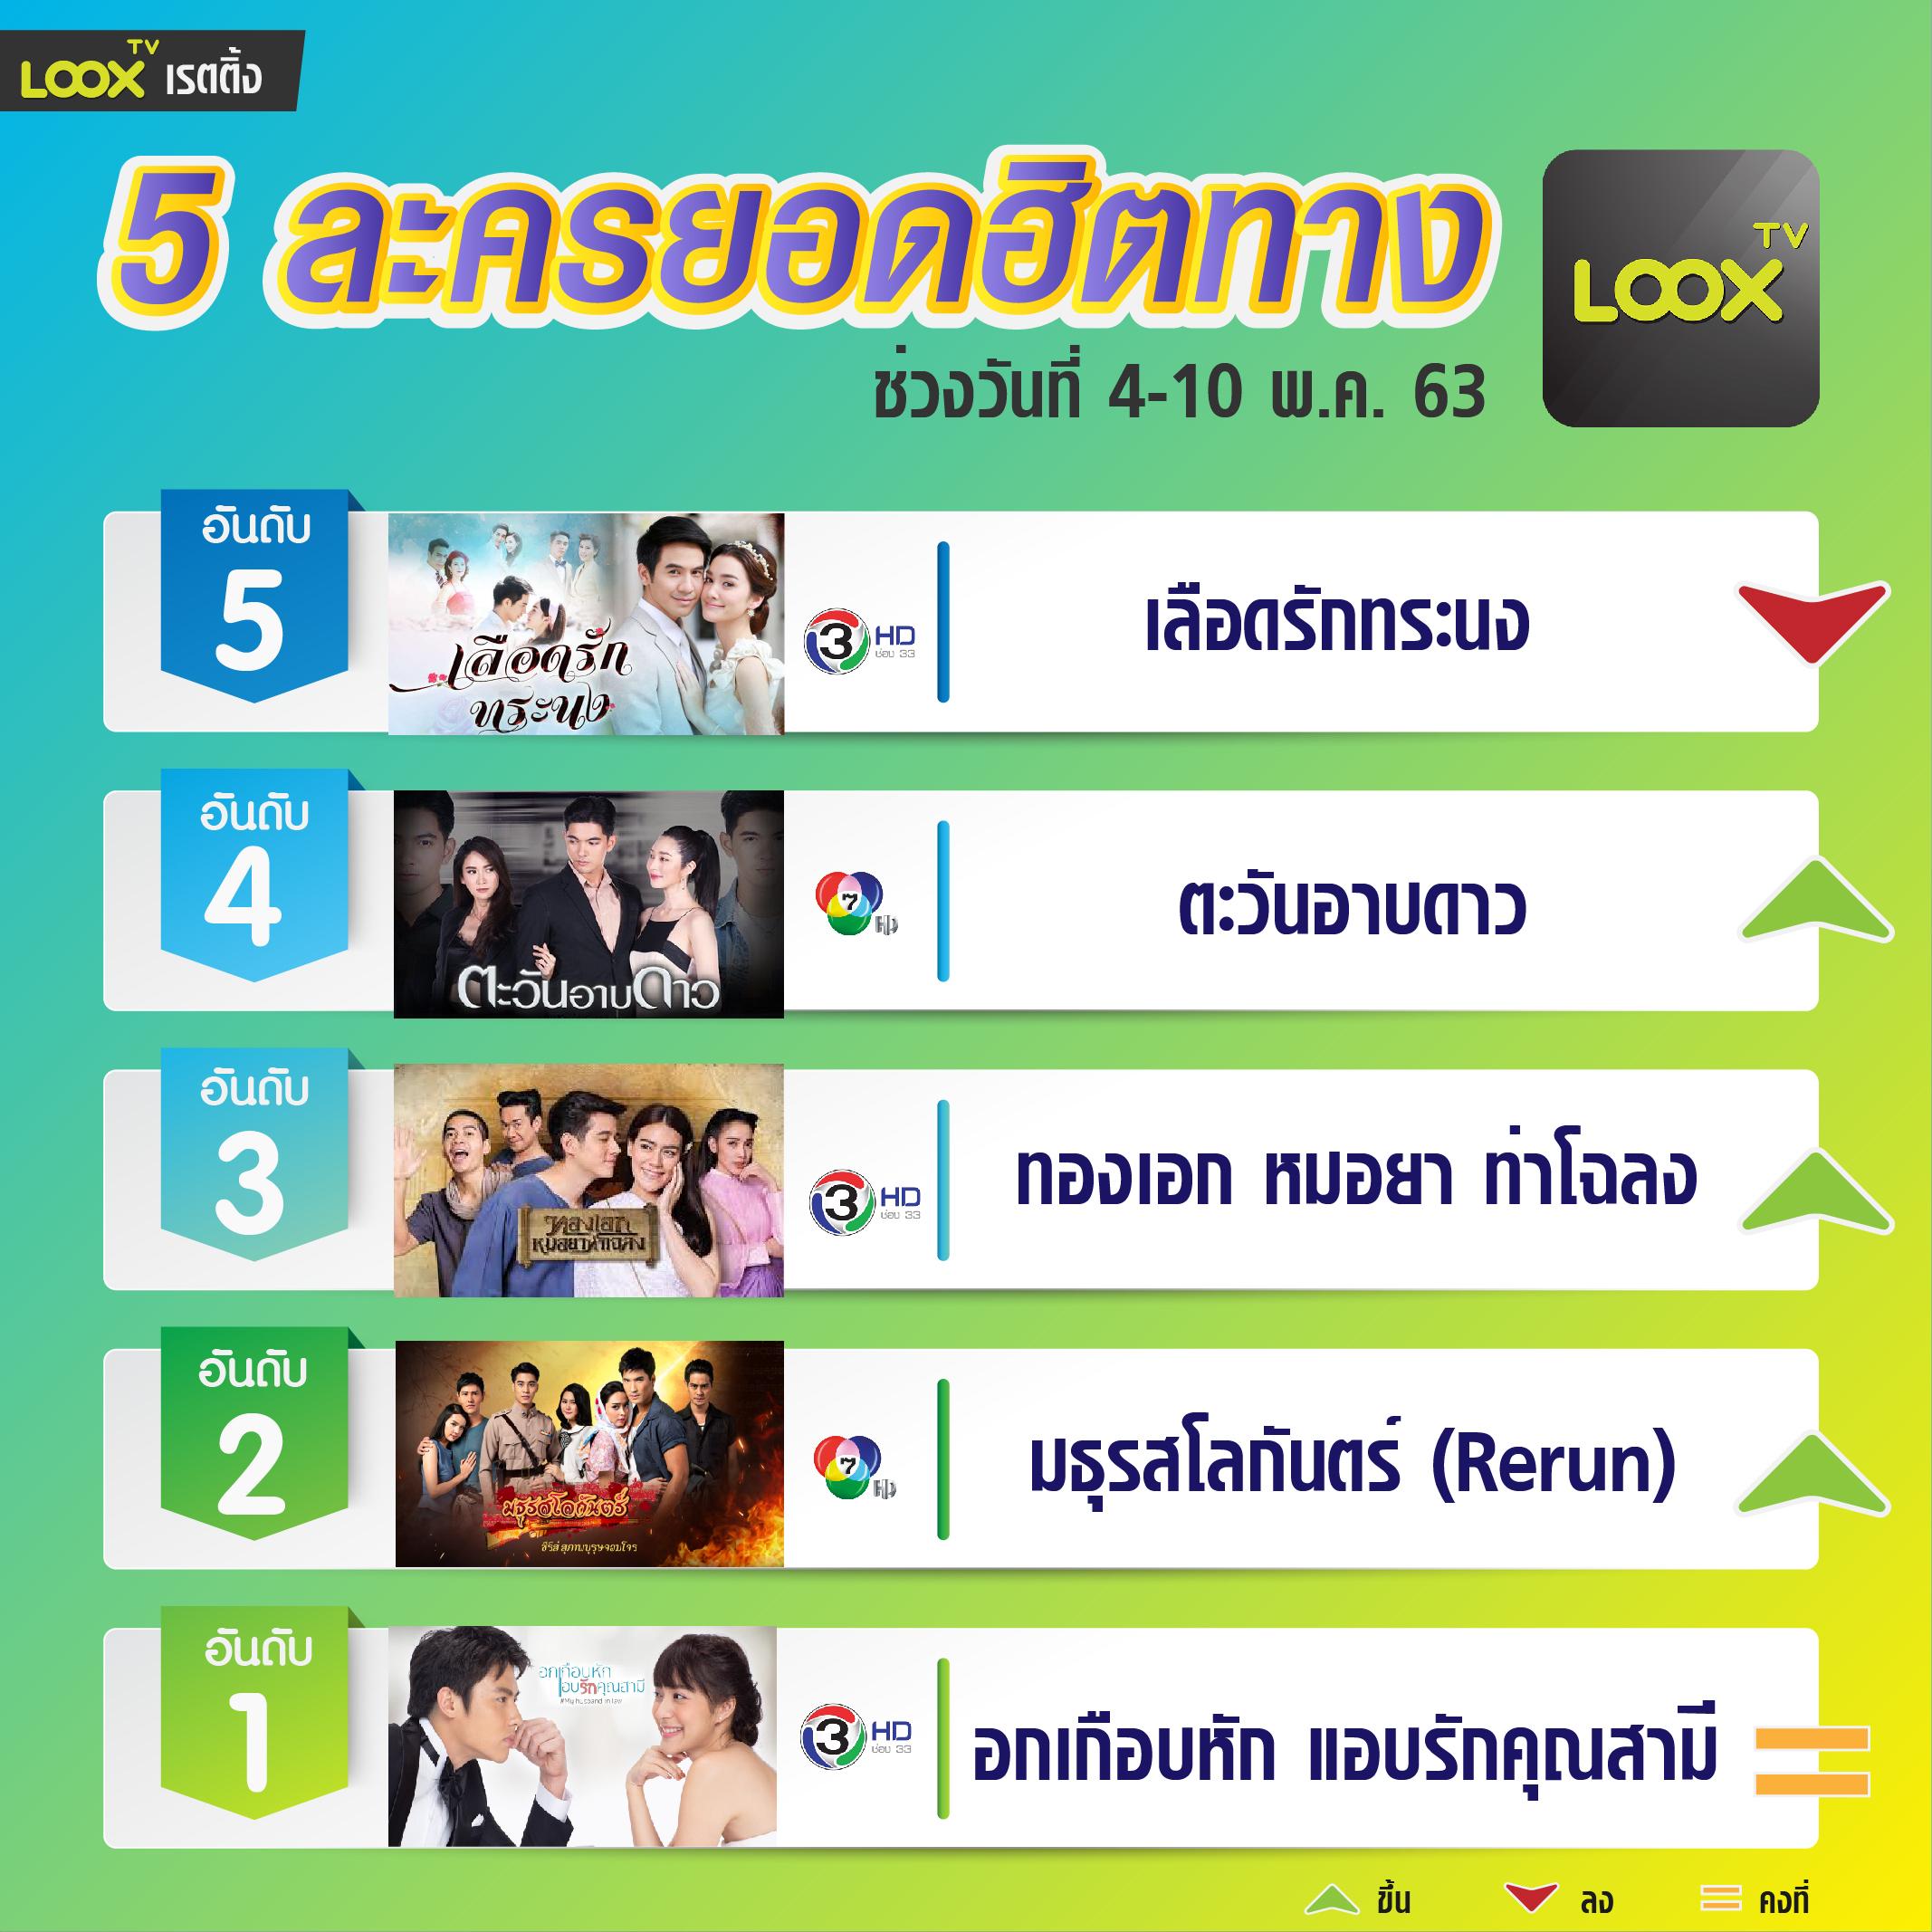 5 อันดับฮอตฮิตบน  LOOX TV  วันที่ 4-10  พ.ค. 63